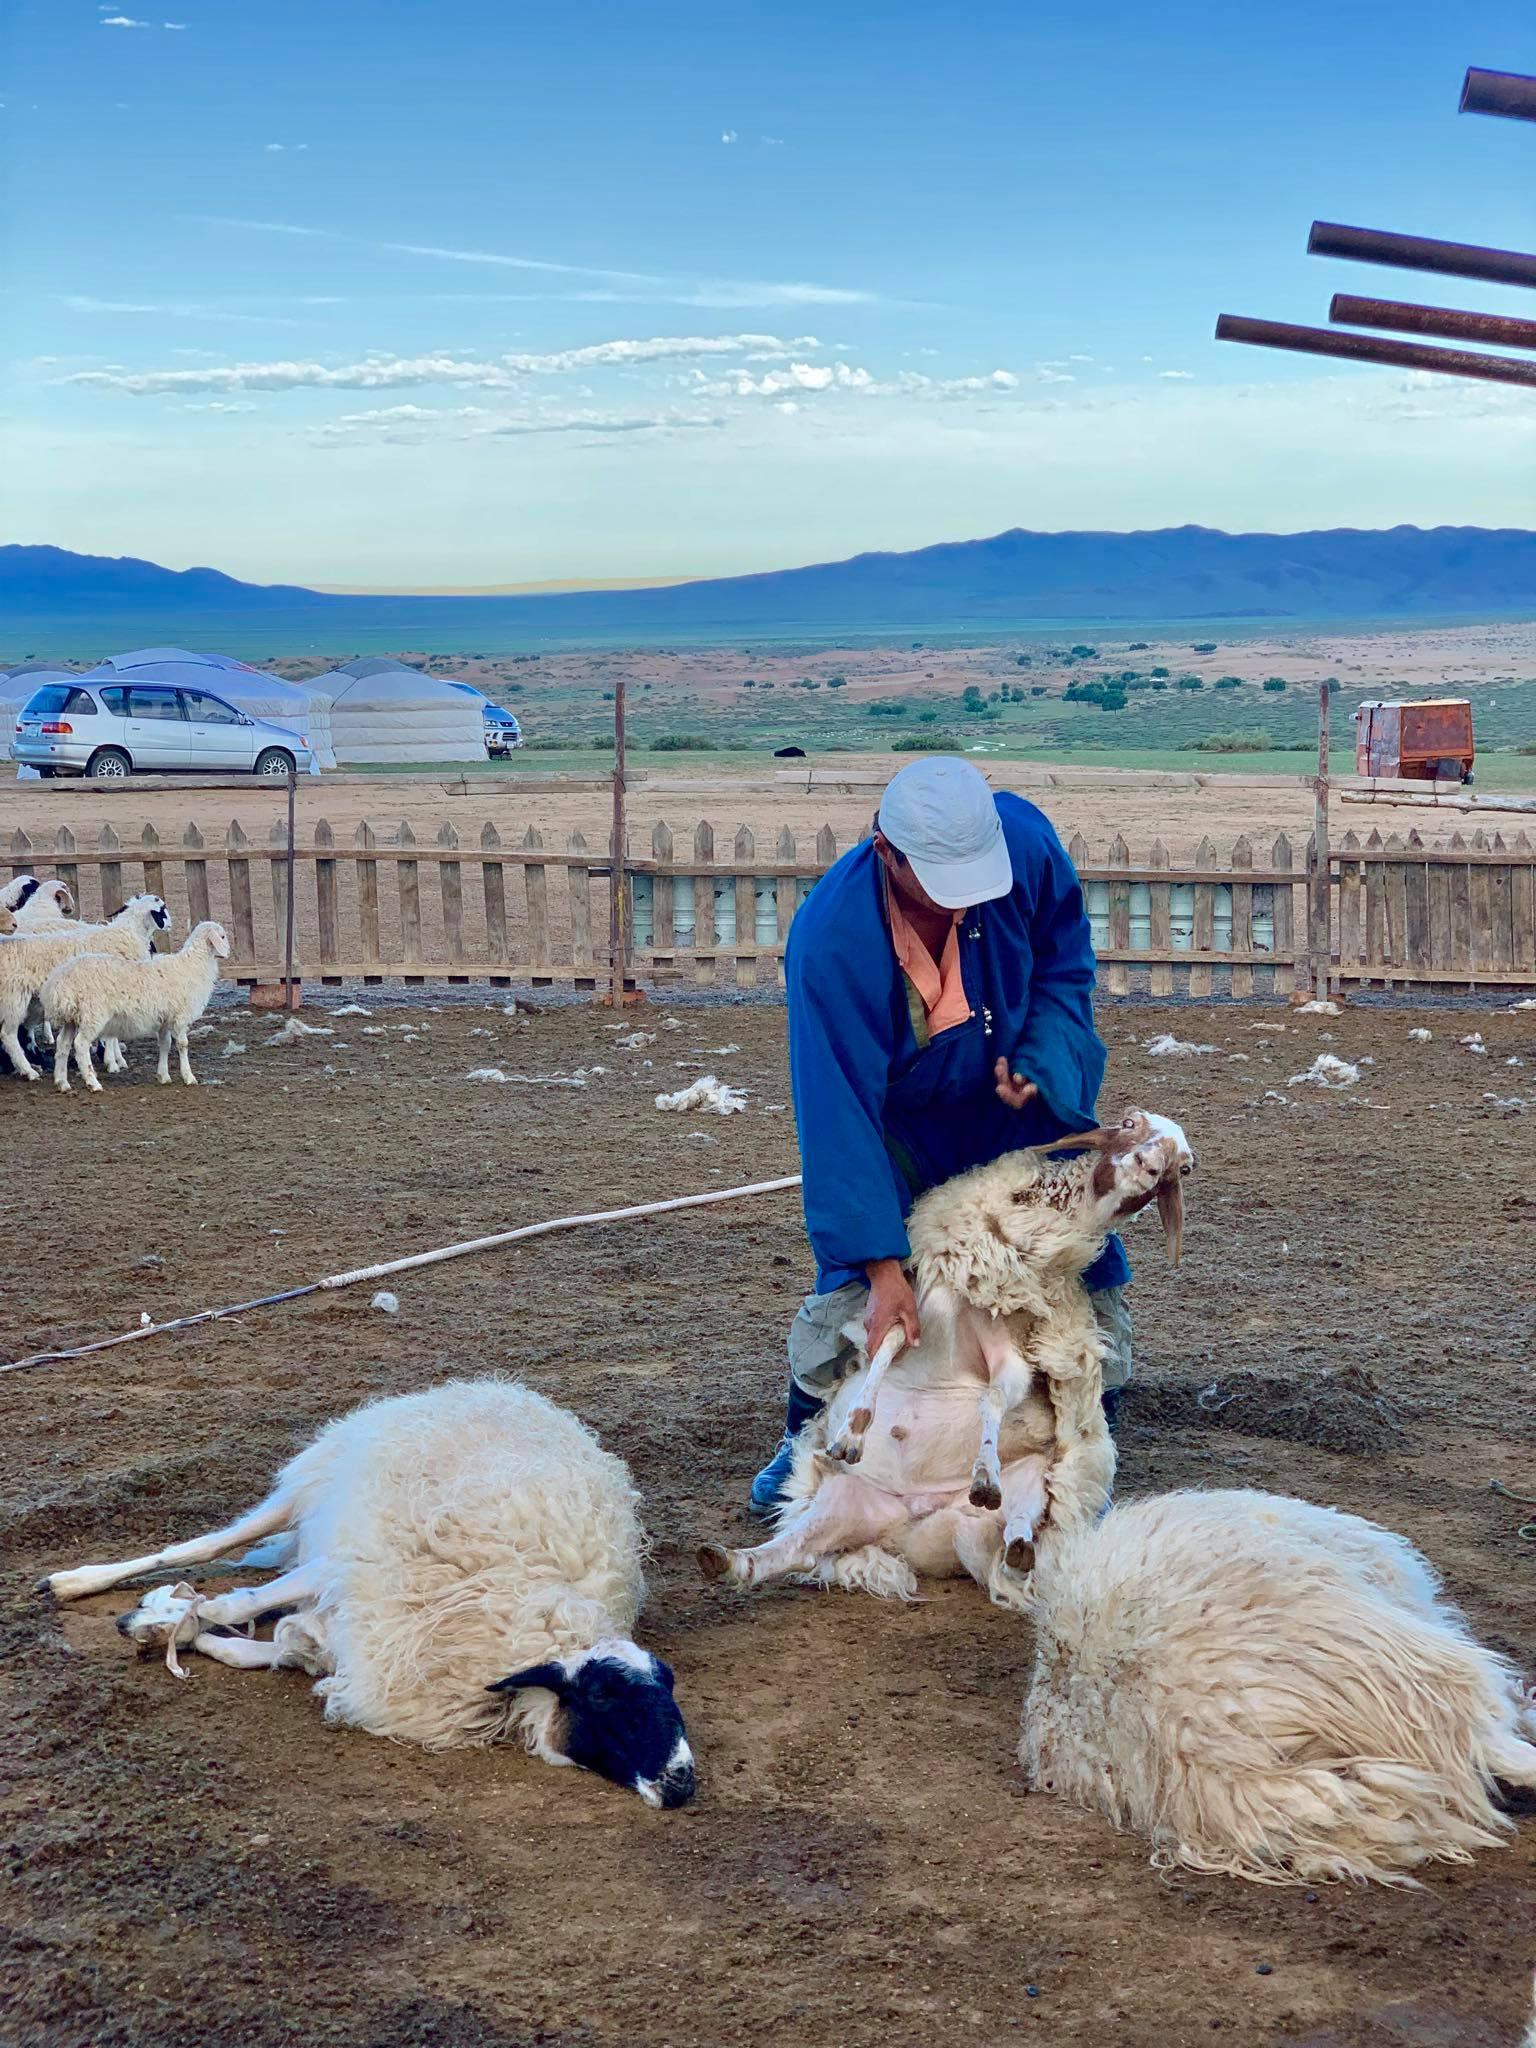 Kach Solo Travels in 2019 Nomadic family in Elsen Tasarkhai23.jpg